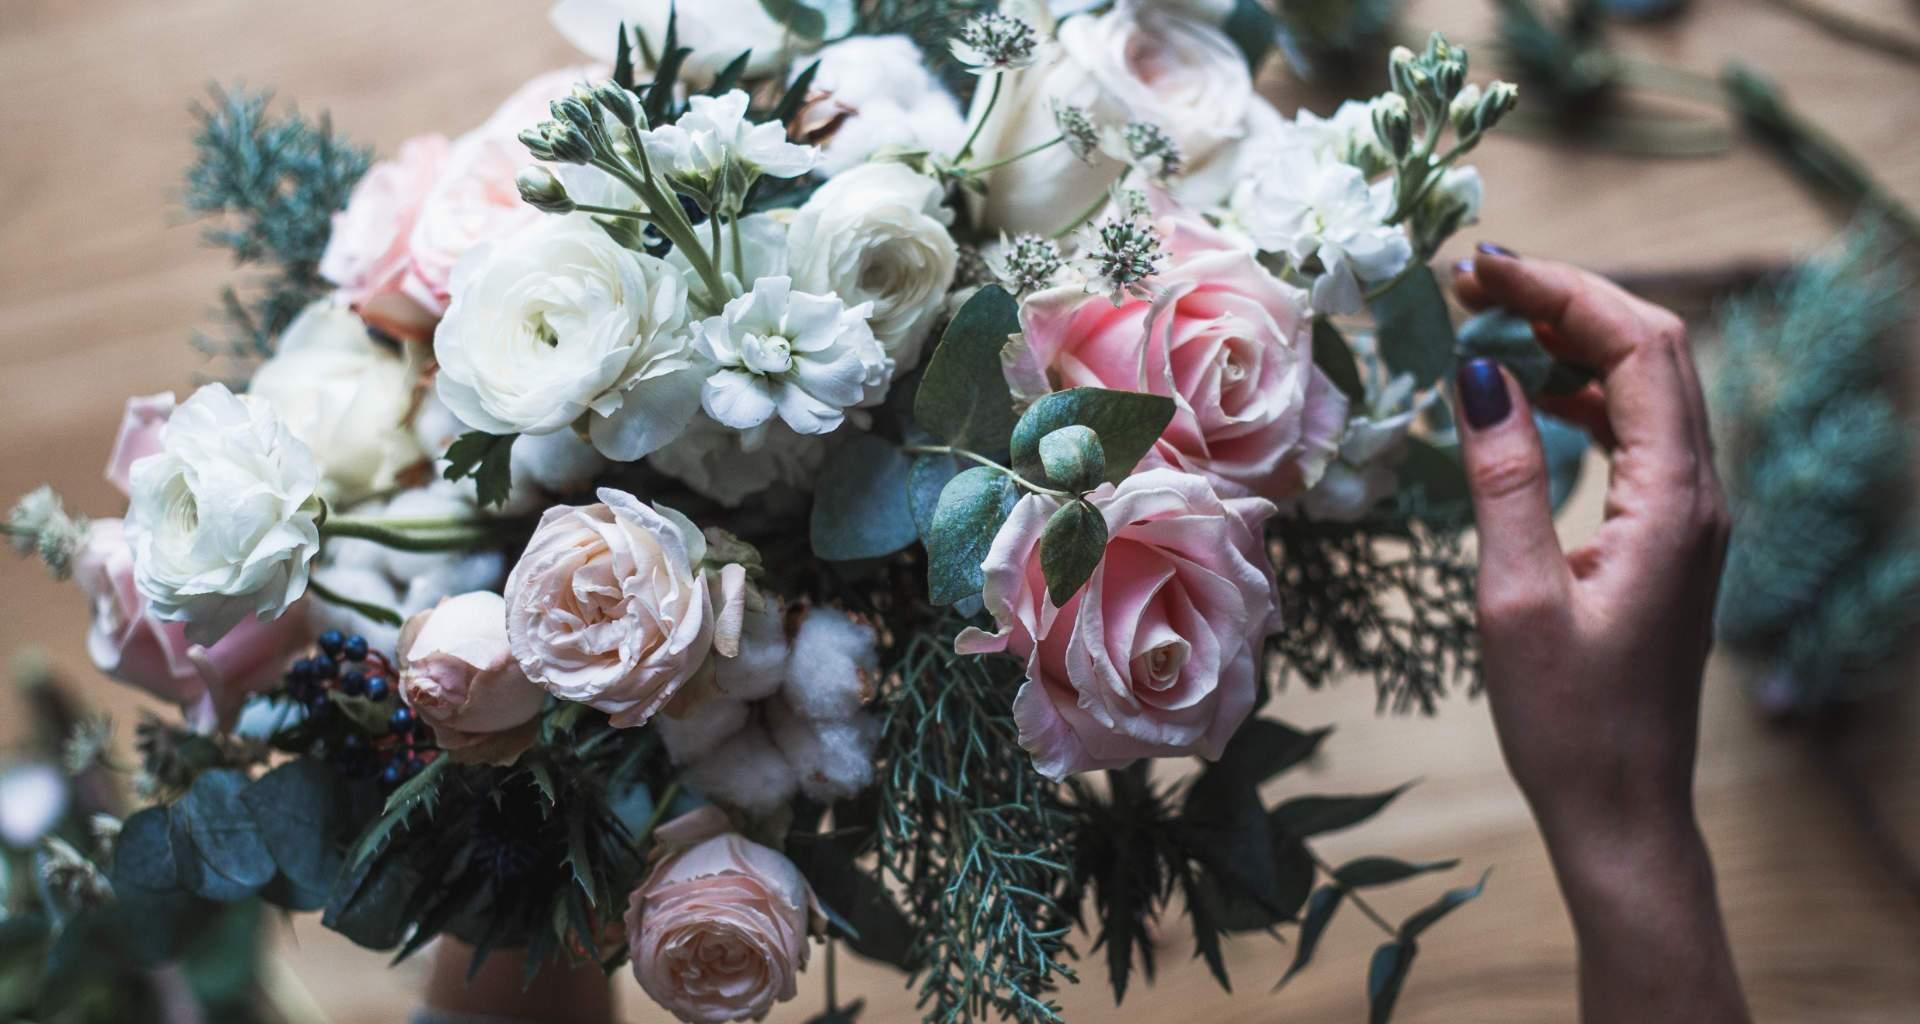 Organizirate dogodek in potrebujete cvetje? Pomagali vam bomo najti pravega cvetličarja